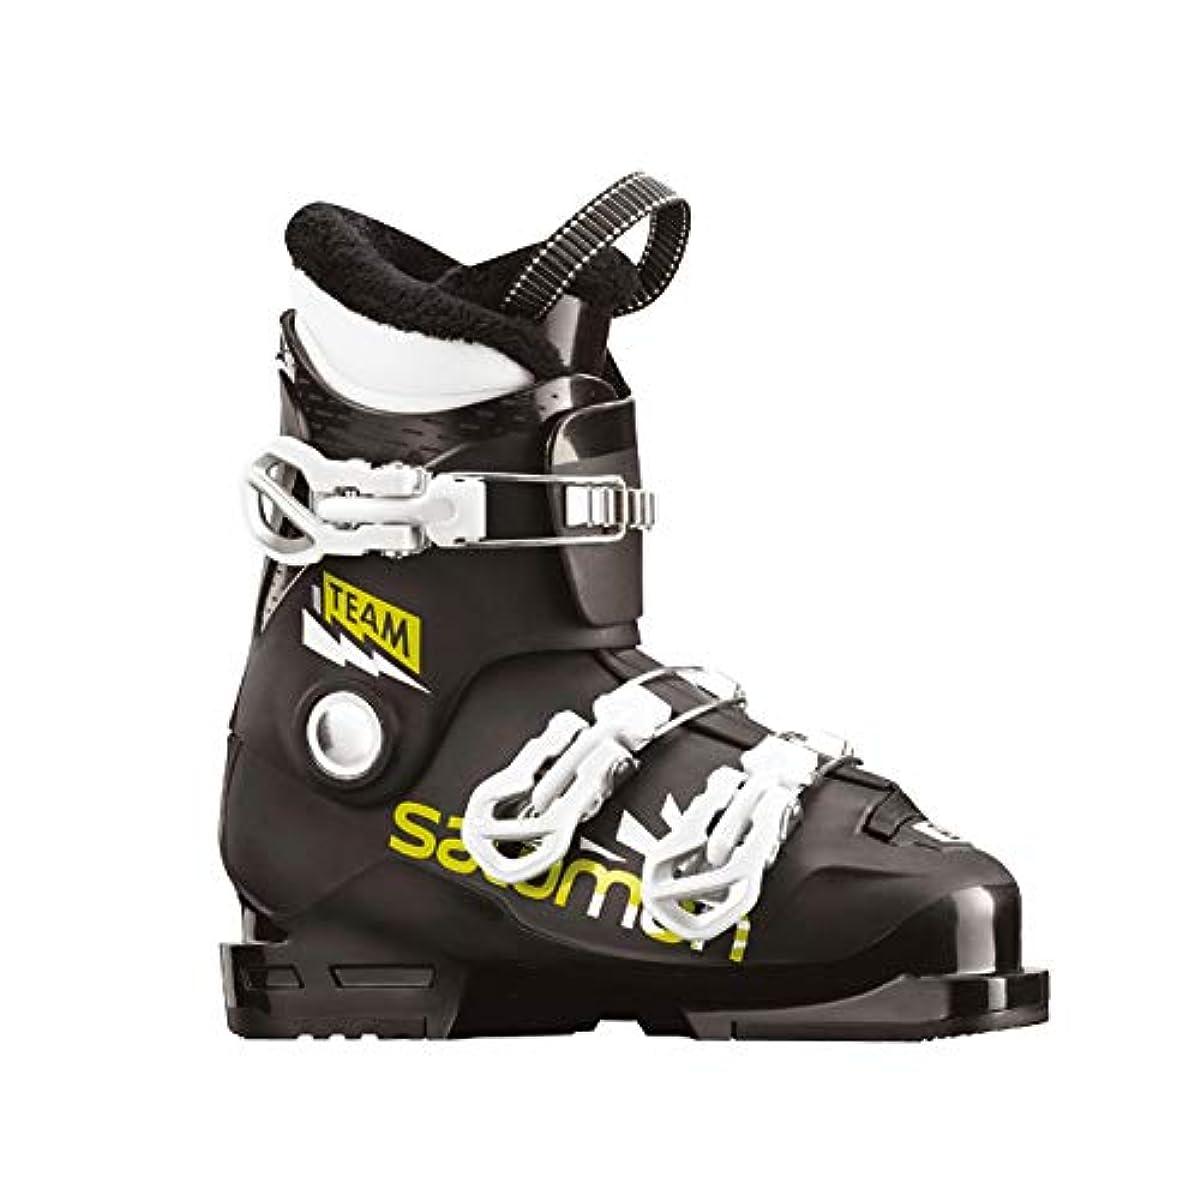 [해외] 살로몬SALOMON 스키화 쥬니어 TEAM T3 22~25.5CM2018-19년 모델 L40573600